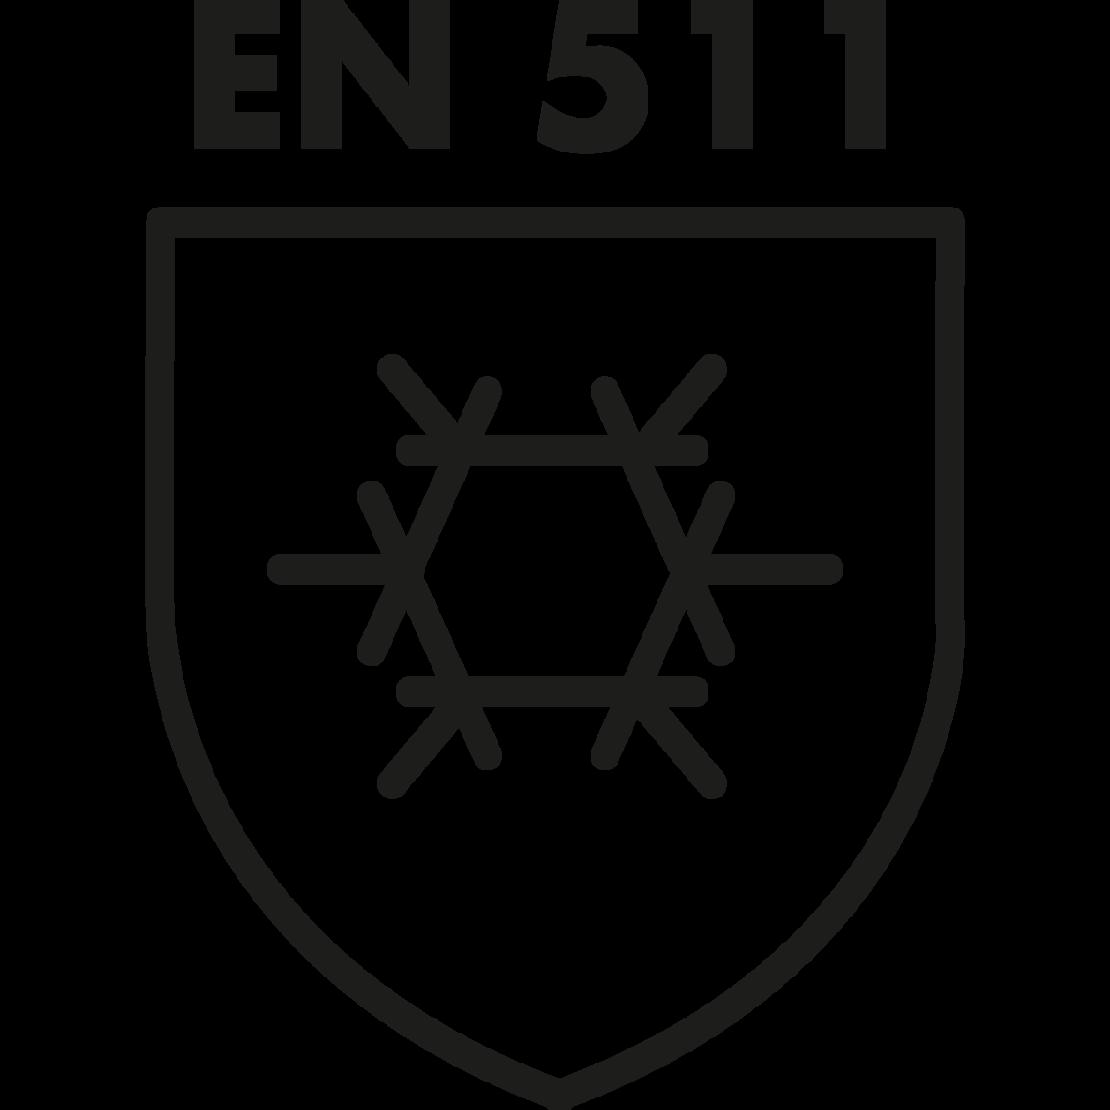 DIN EN 511 safety standards logo